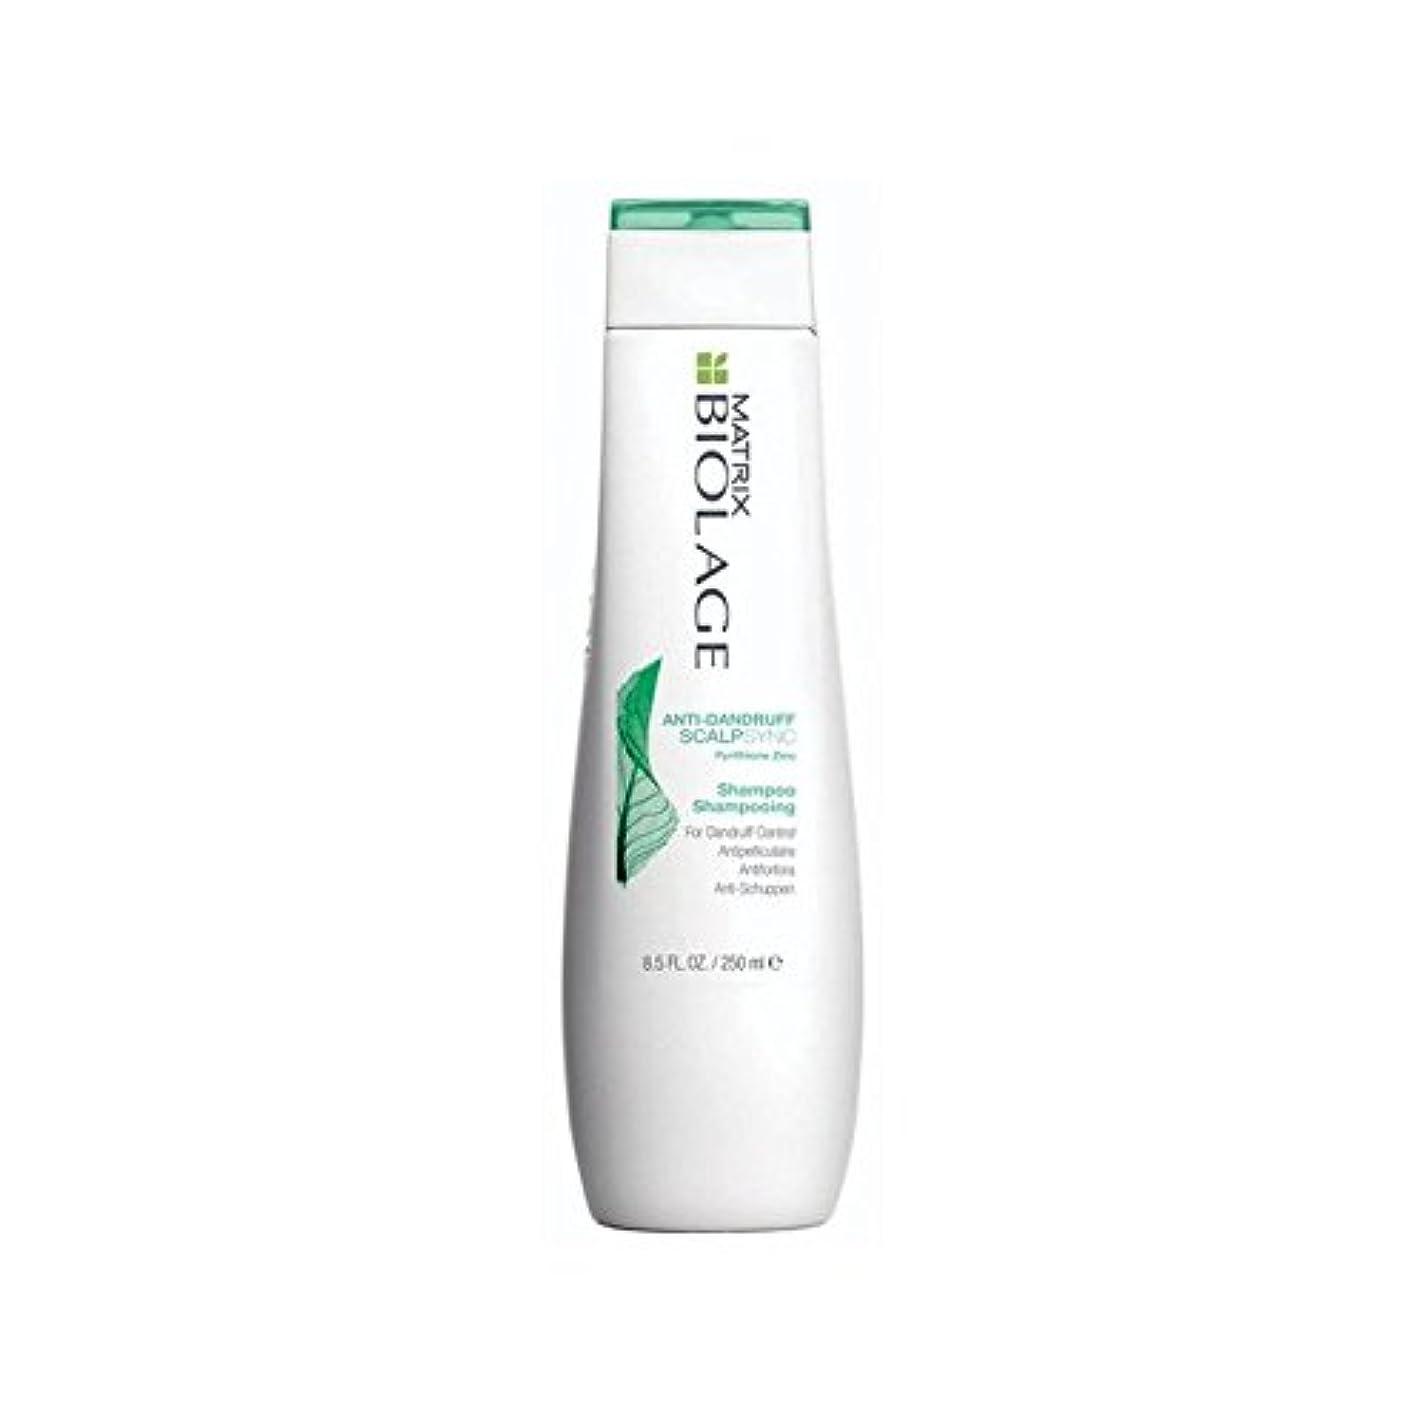 不透明なとげ腹Matrix Biolage Scalptherapie Antidandruff Shampoo (250ml) (Pack of 6) - マトリックスバイオレイジのフケ防止シャンプー(250ミリリットル) x6 [並行輸入品]